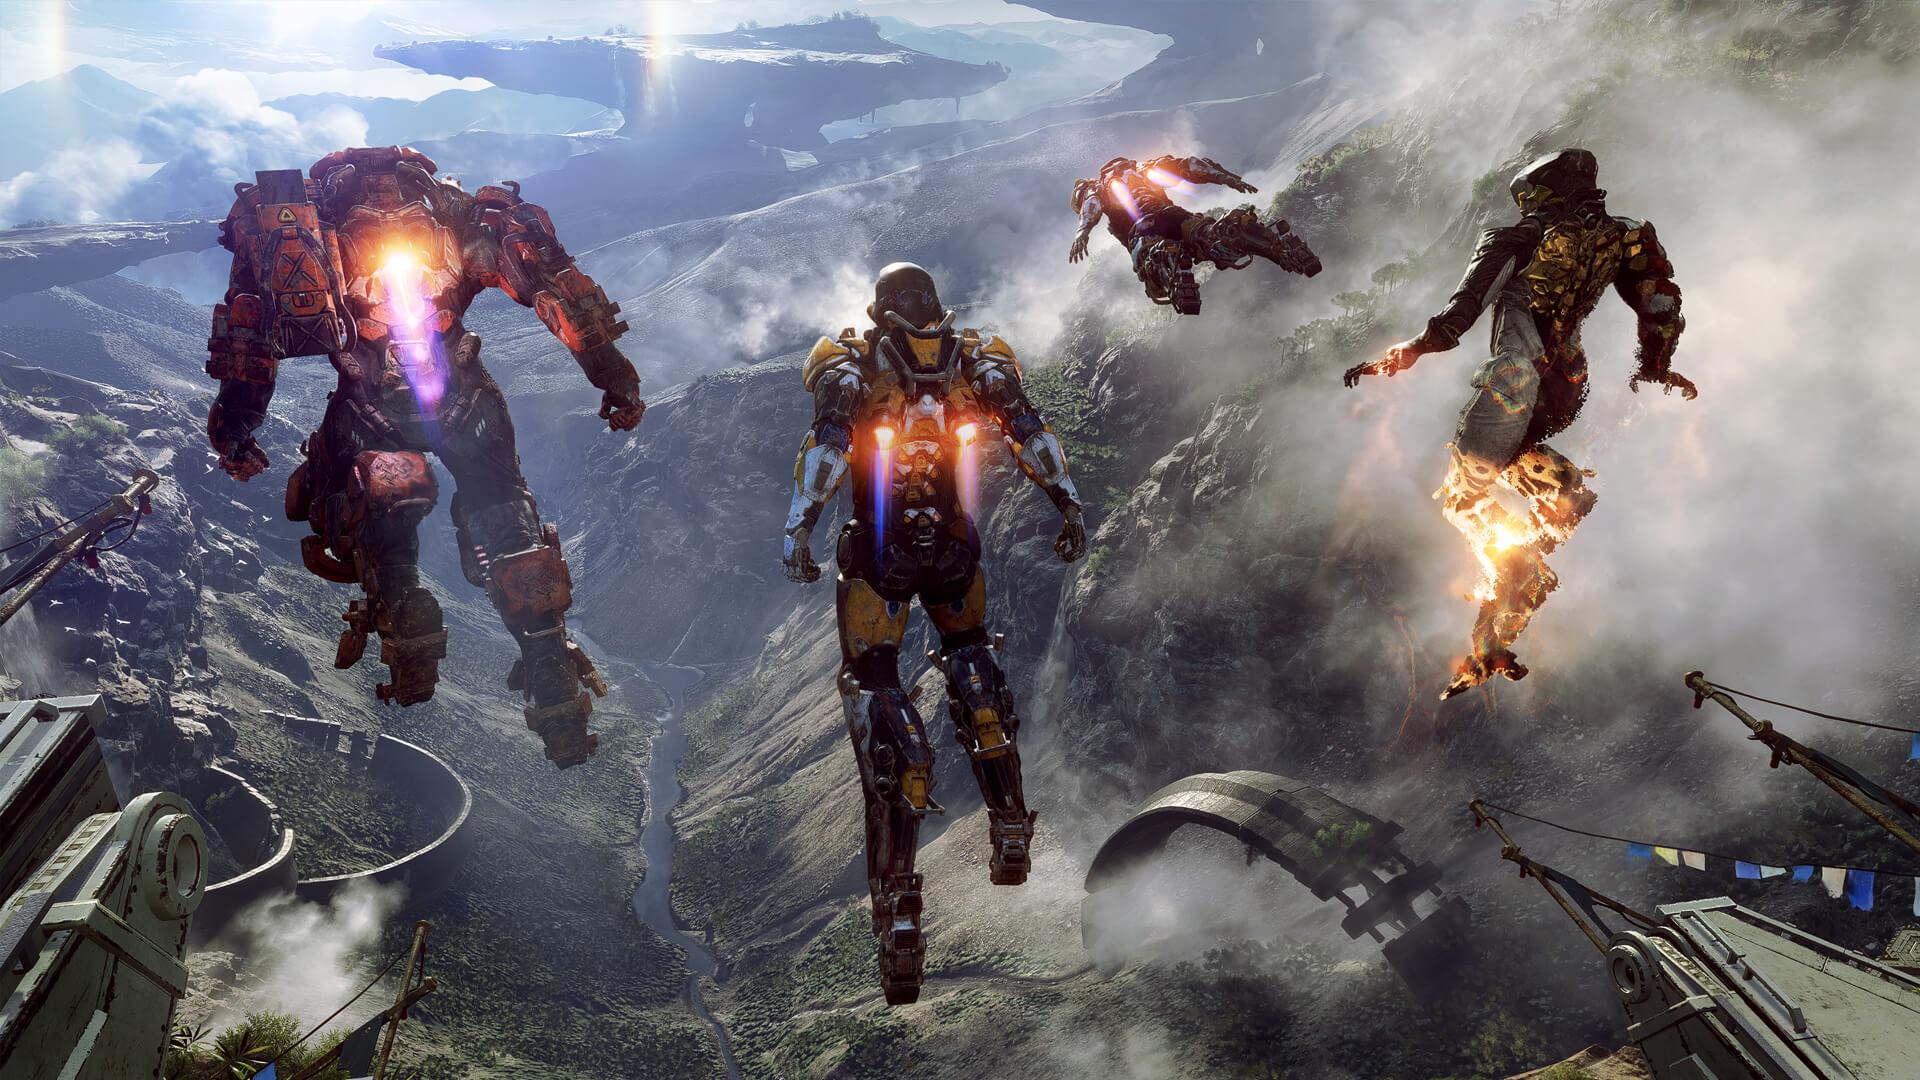 <!-- AddThis Sharing Buttons above -->Anthem, новая интеллектуальная собственность BioWare, это «научное фэнтези» вроде Star Wars, а не научная фантастика как Mass Effect. Так игру оценивает сотрудник BioWare Аарин Флинн (Aaryn Flynn) в интервью CBC. […]<!-- AddThis Sharing Buttons below -->